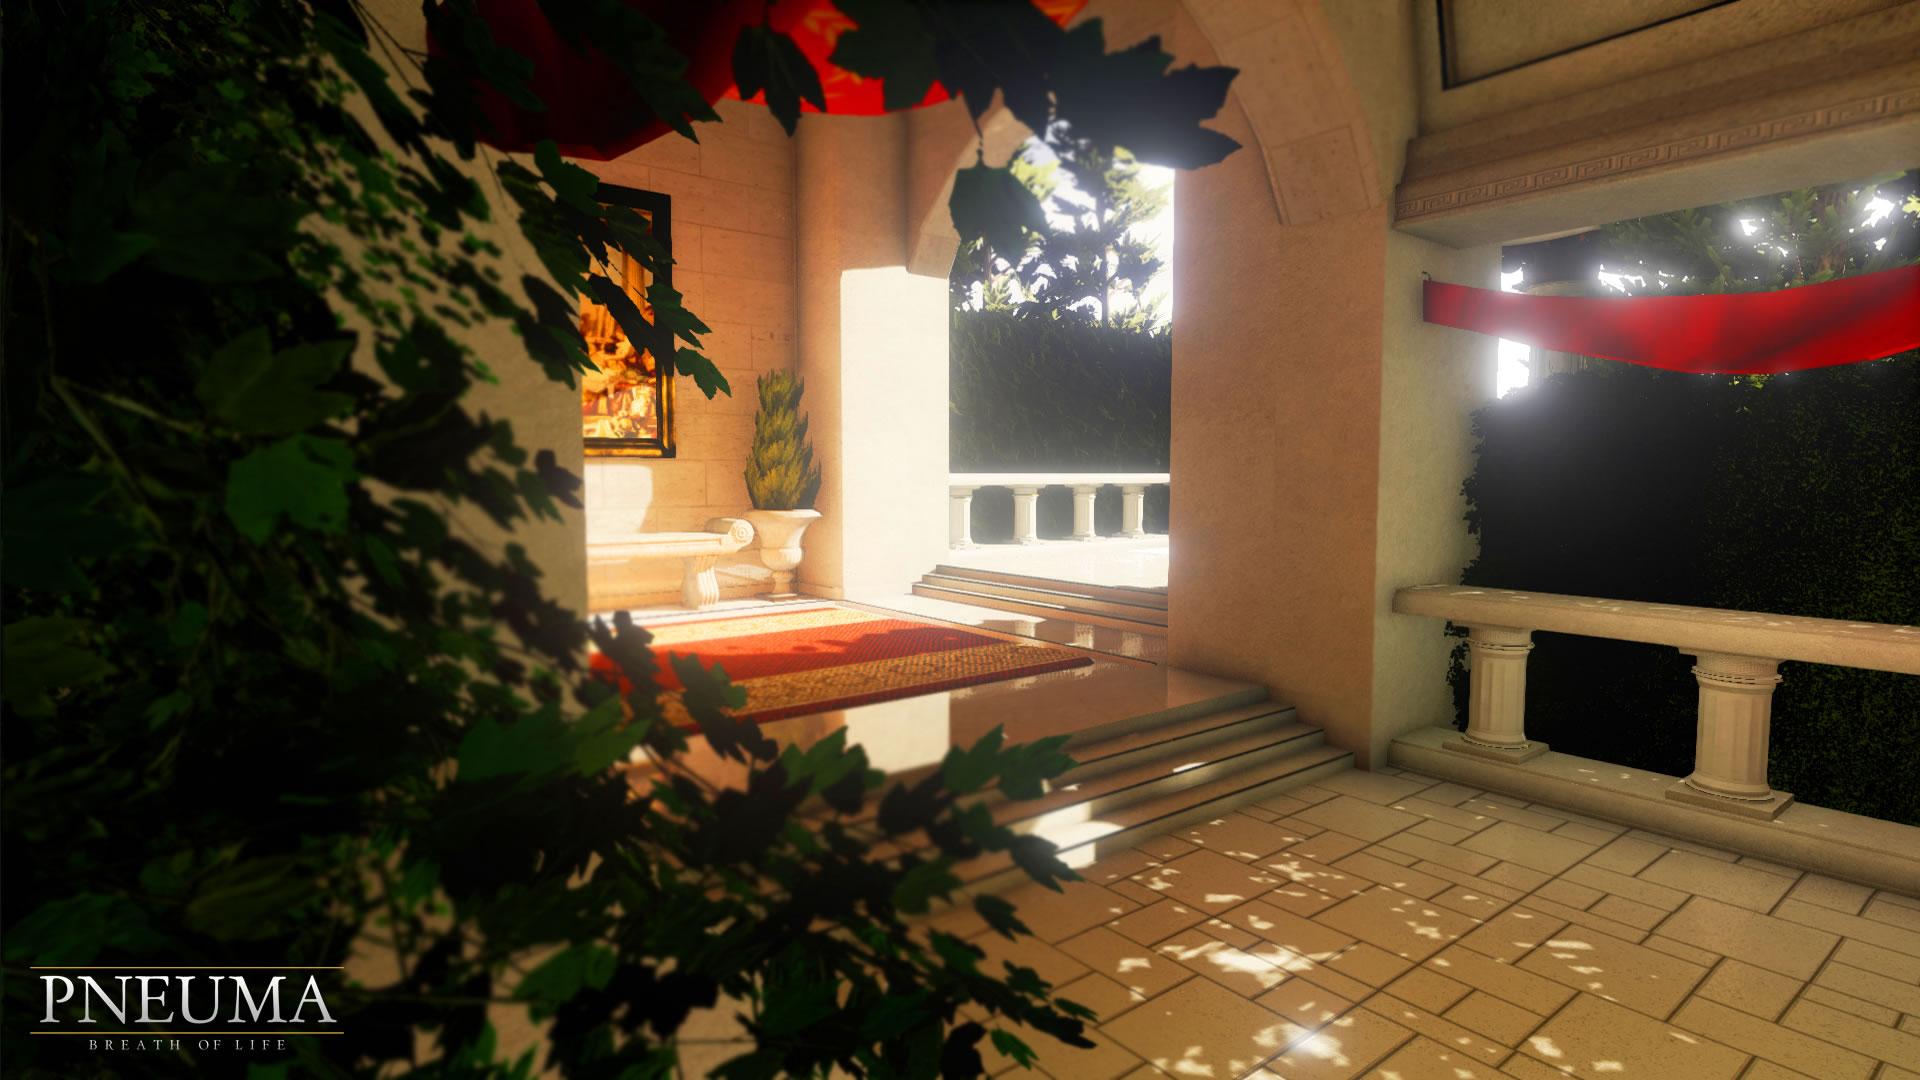 pneuma breath of life game side story. Black Bedroom Furniture Sets. Home Design Ideas